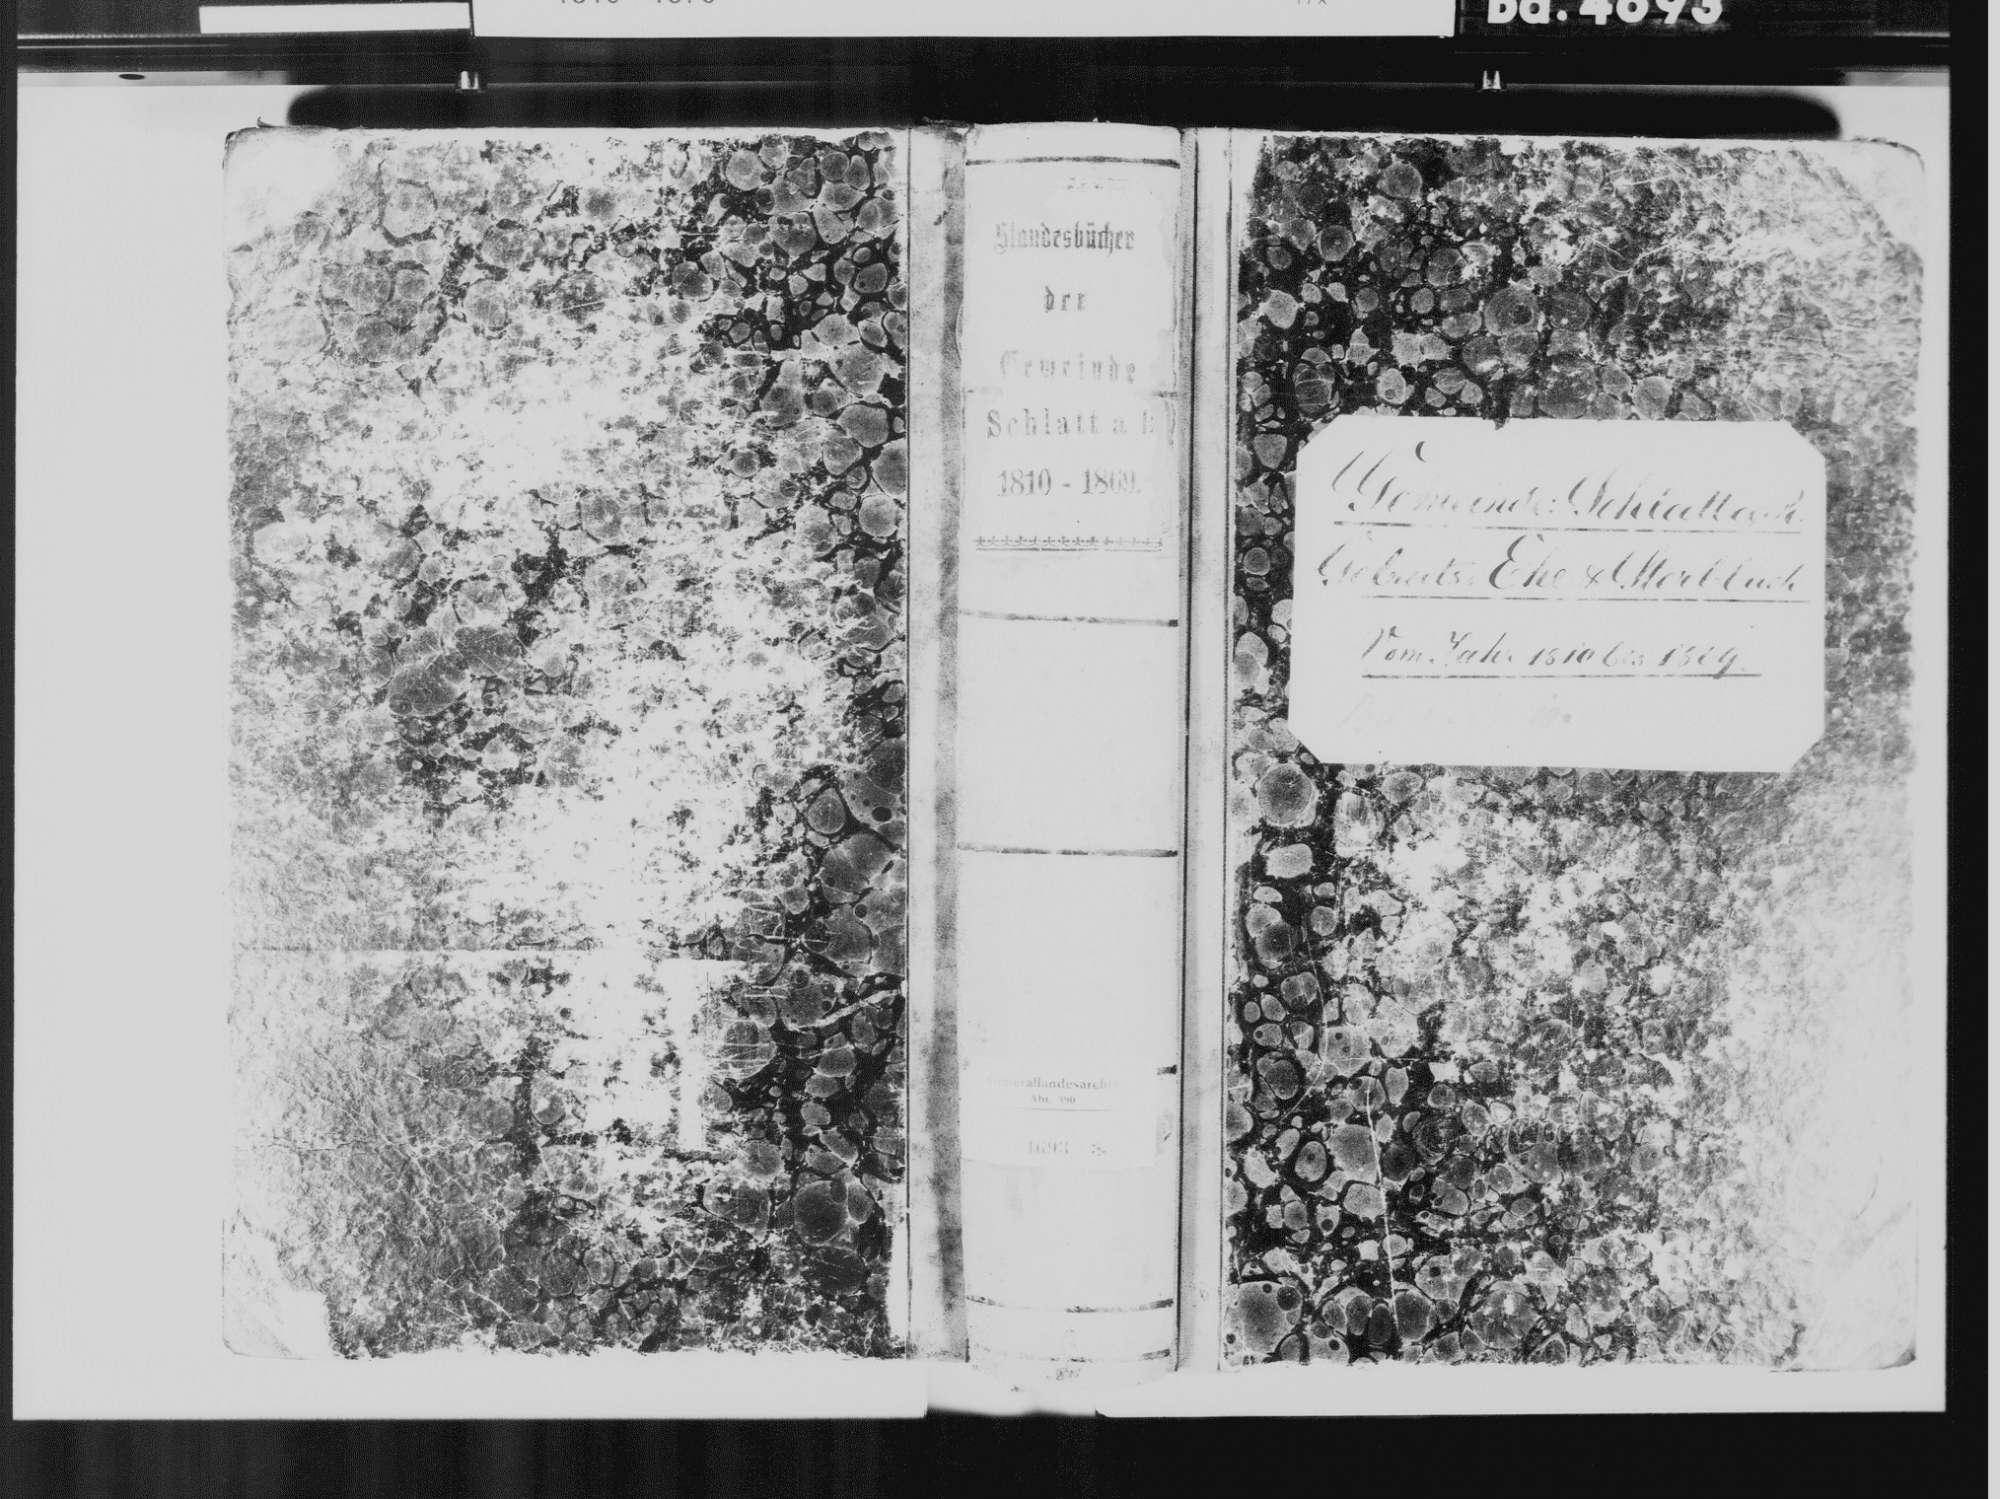 Schlatt am Randen, Hilzingen KN; Katholische Gemeinde: Standesbuch 1810-1869, Bild 2